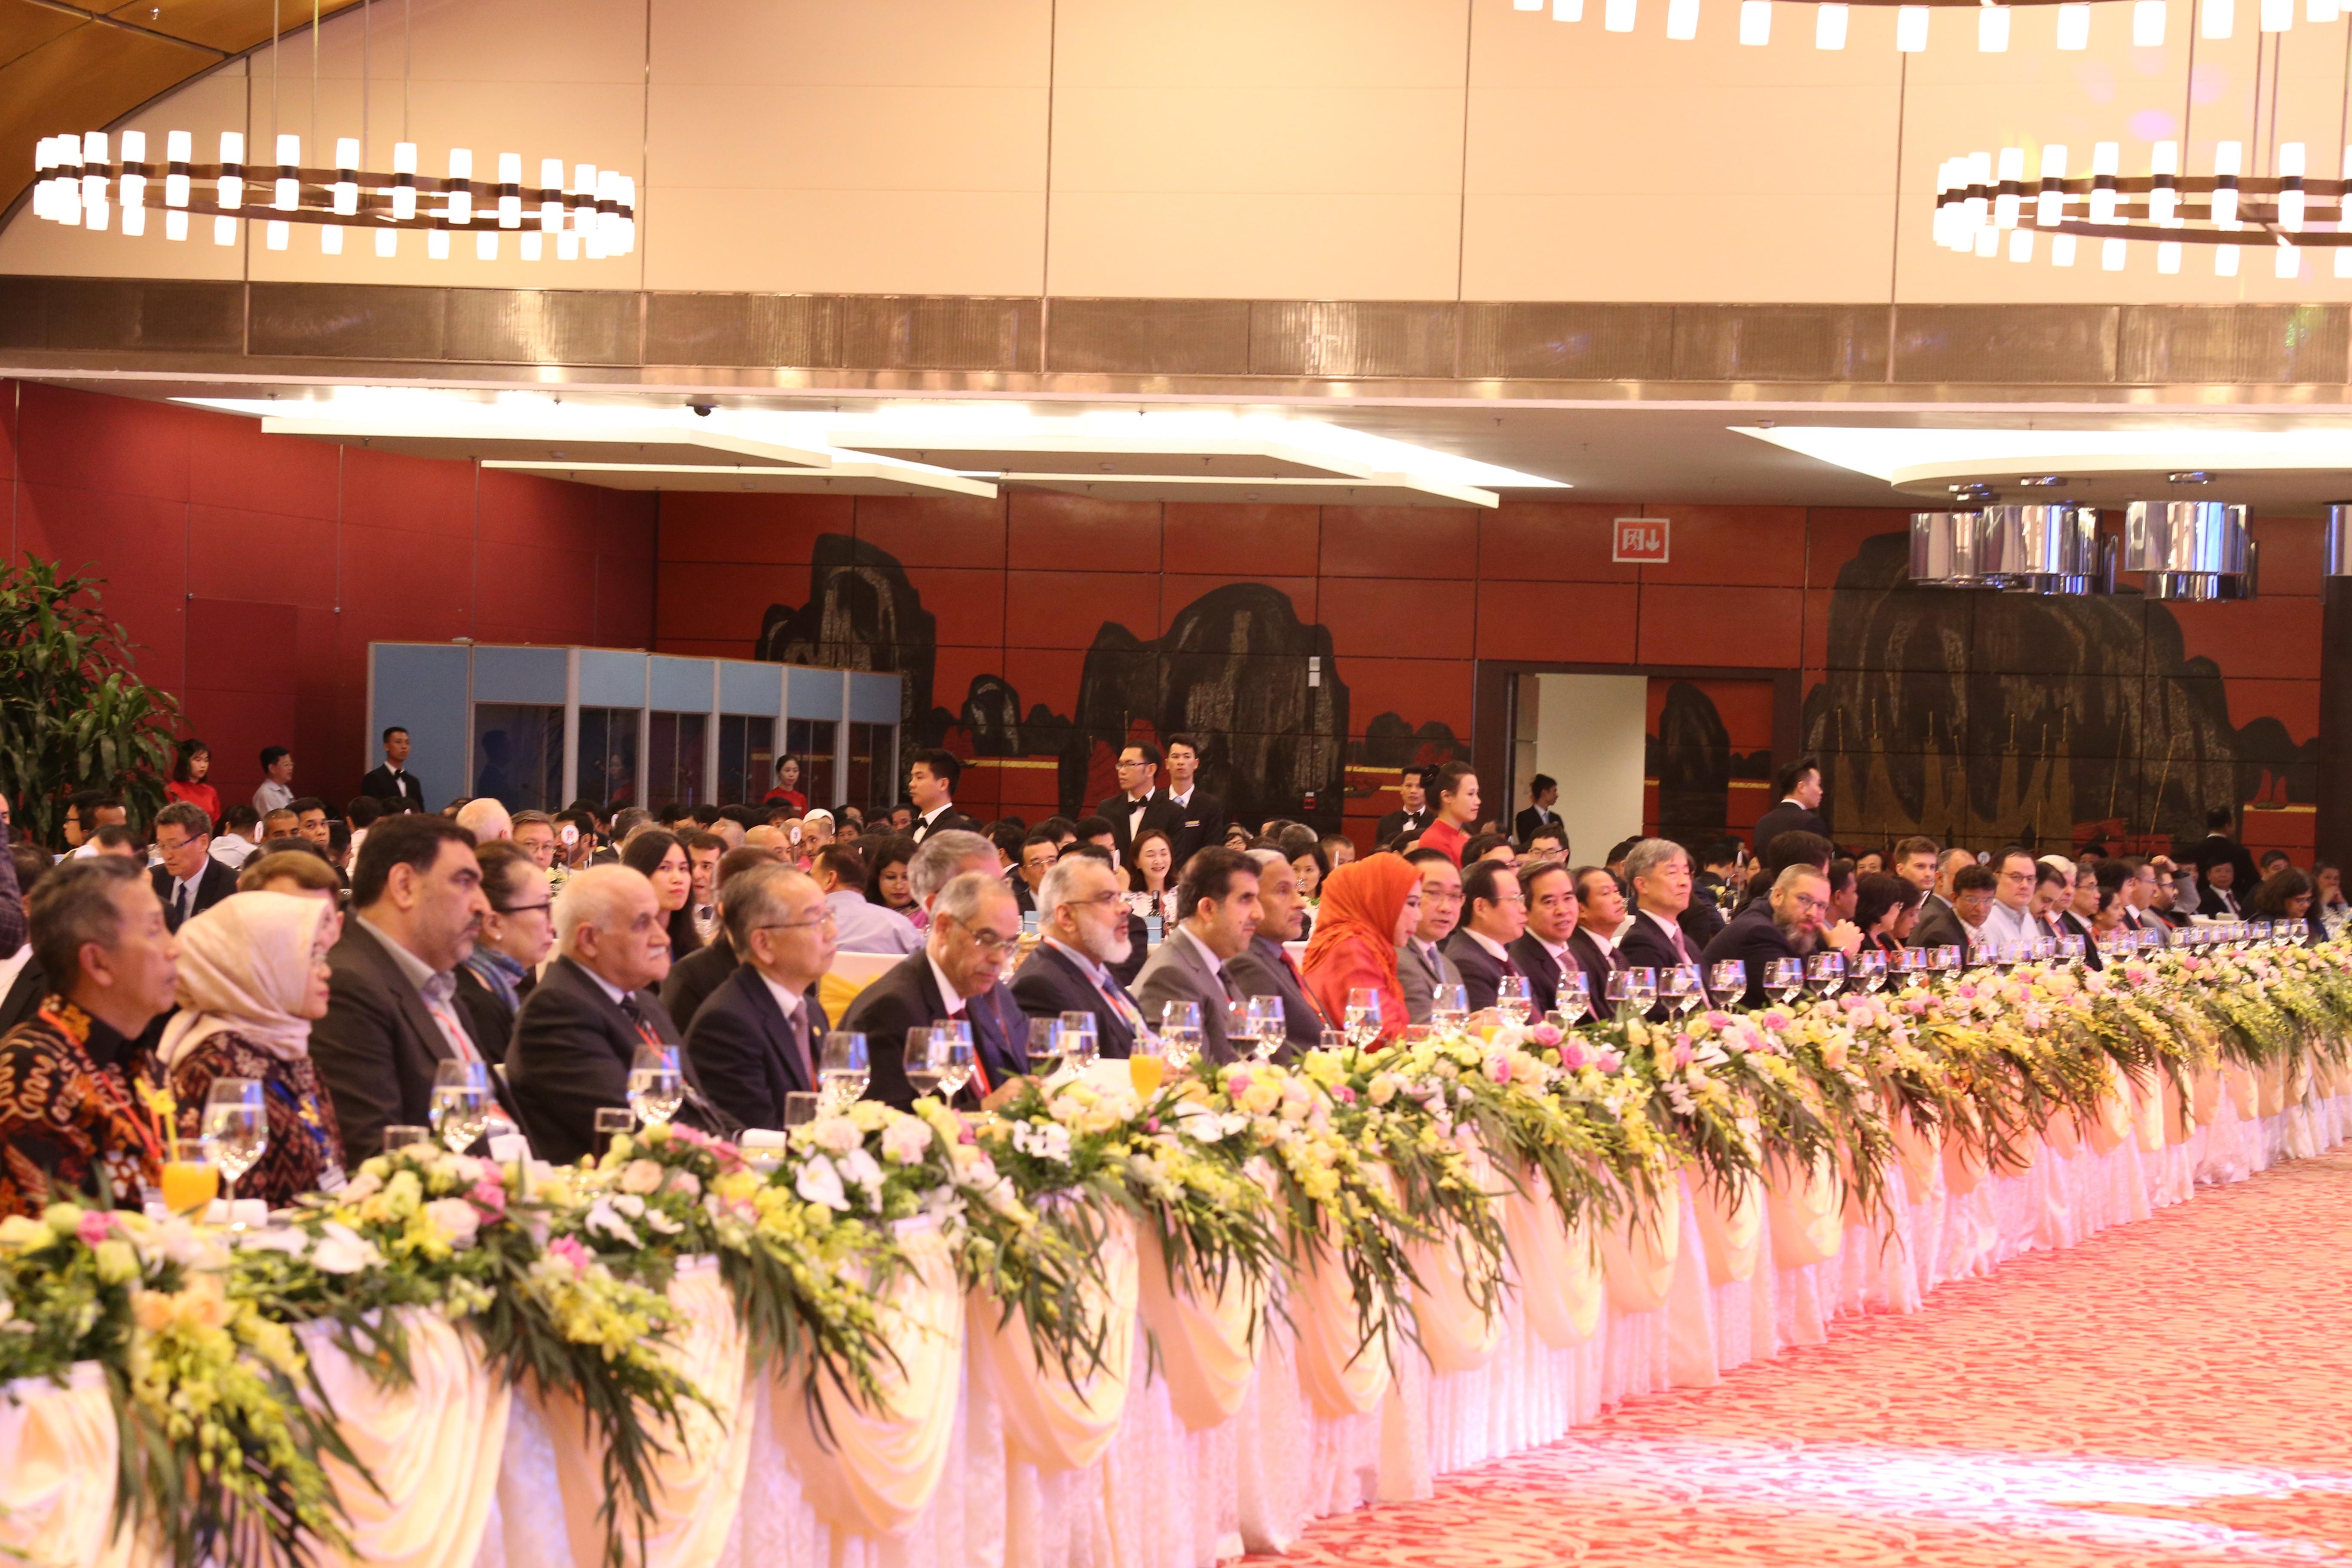 Tiệc chào mừng các đoàn đại biểu tham dự Đại hội Tổ chức các cơ quan kiểm toán tối cao châu Á lần thứ 14